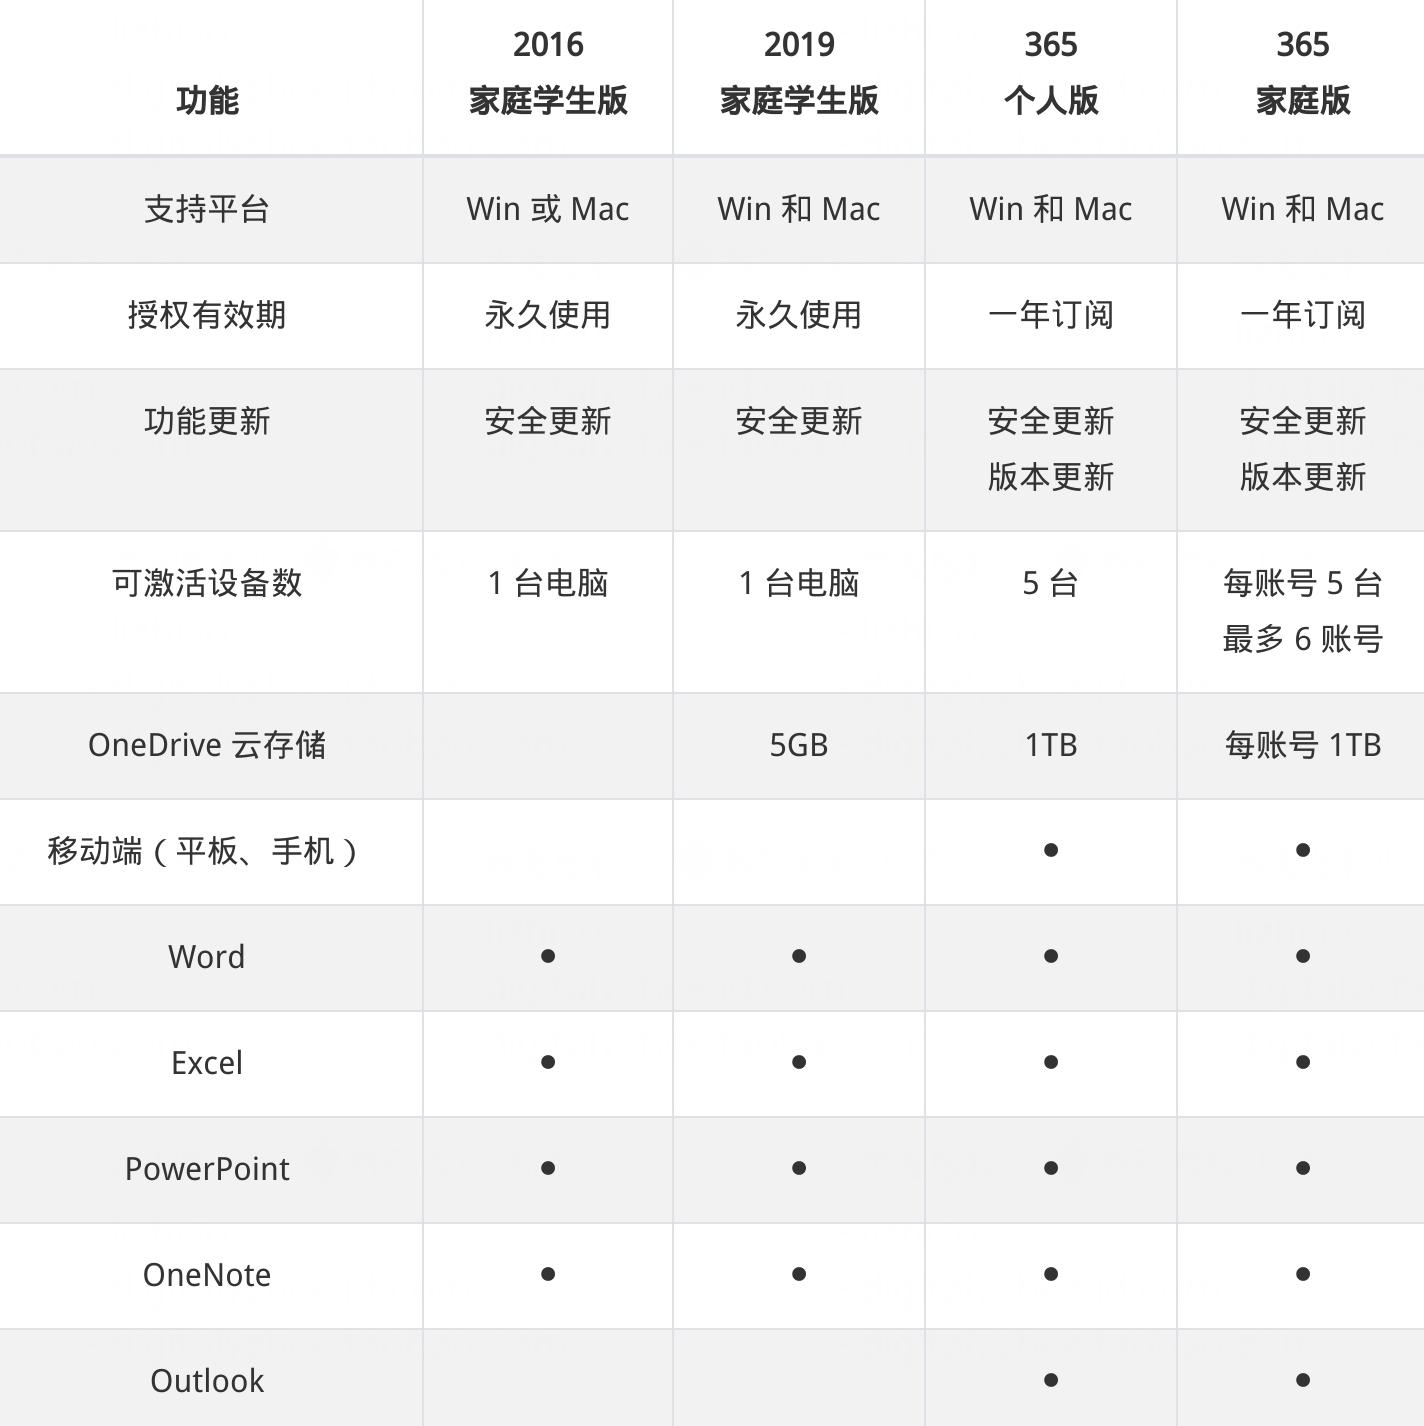 1067-lizhi-office-2016-chart